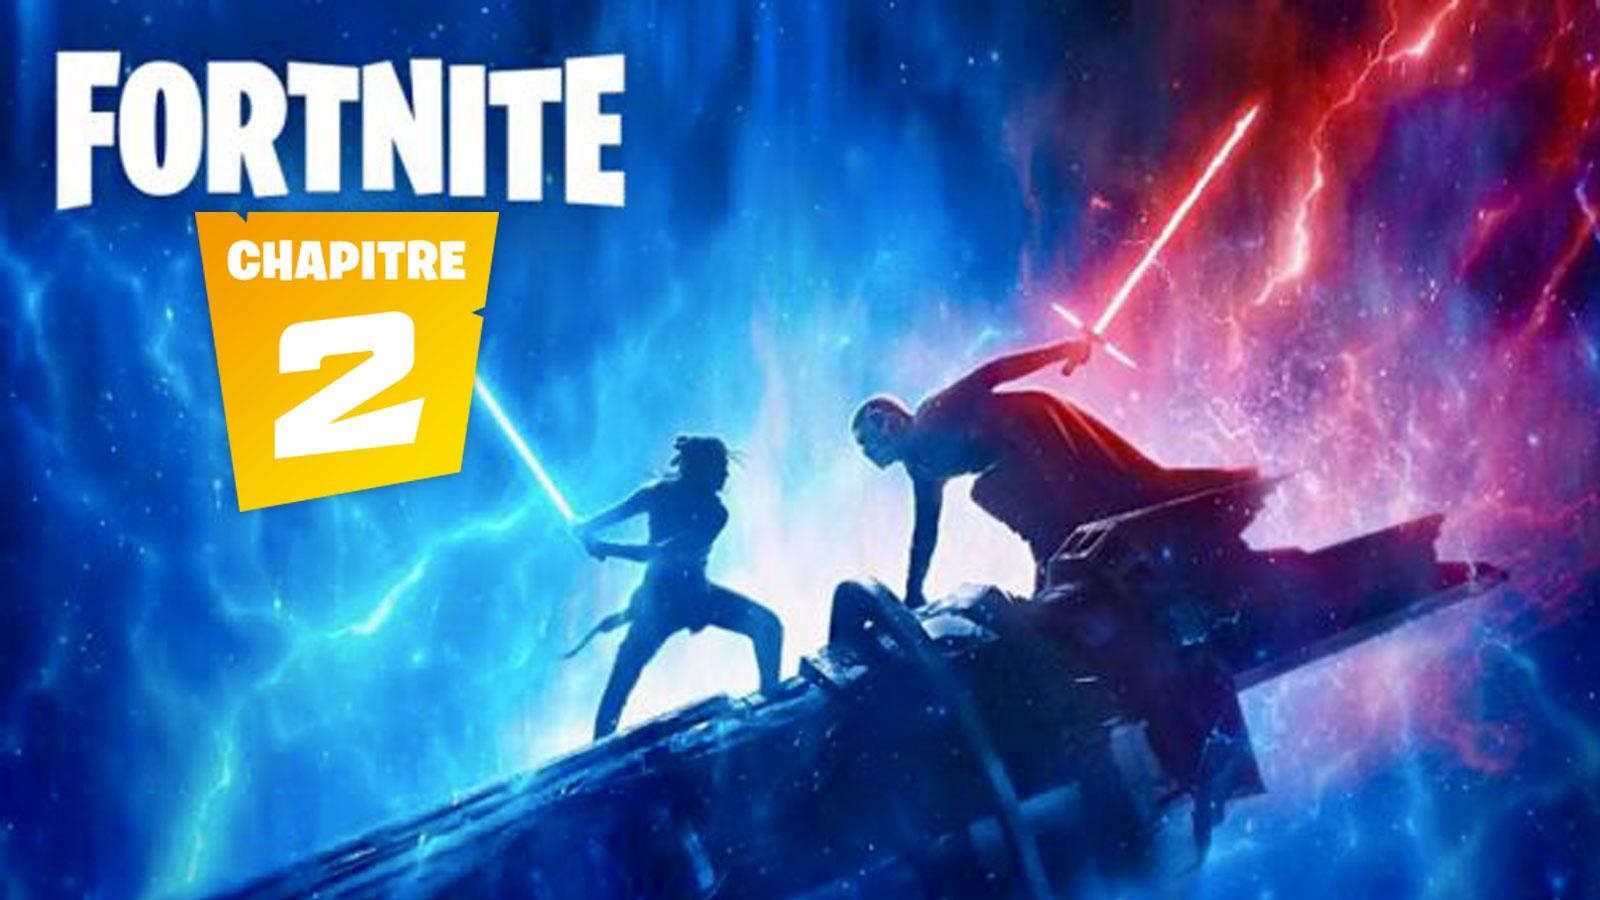 LucasFilm / Epic Games